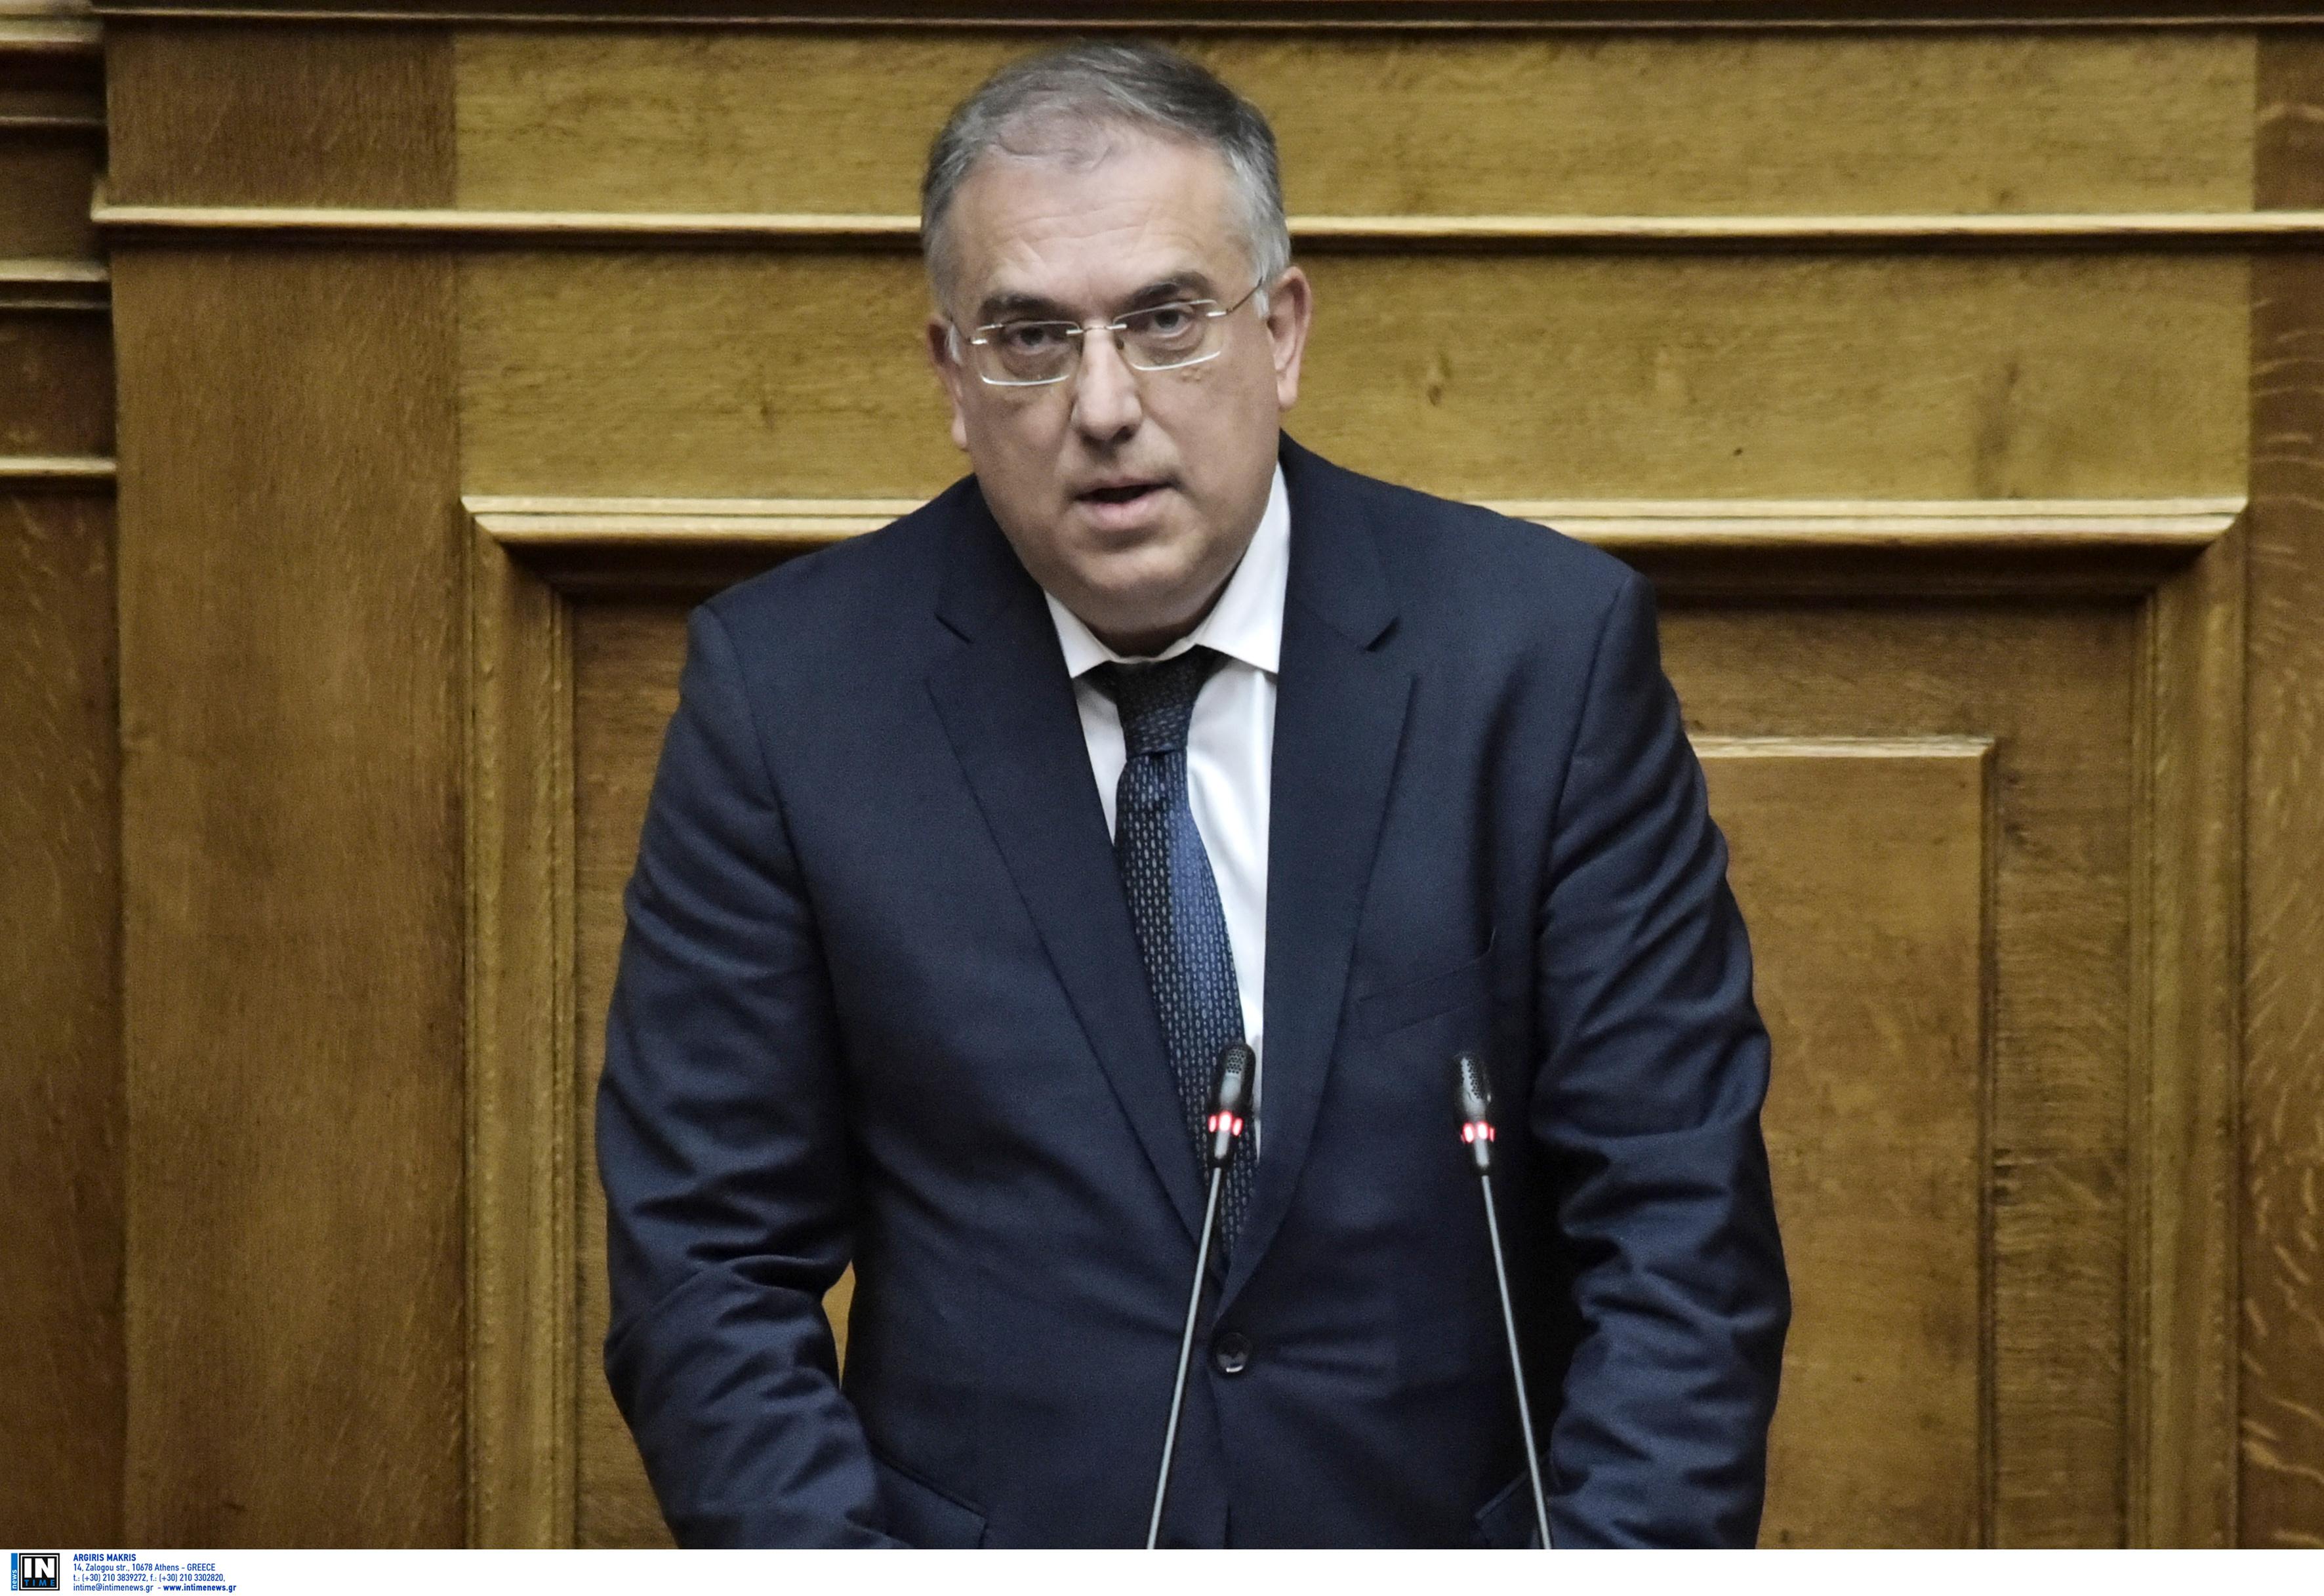 Θεοδωρικάκος: Δεν θα ακολουθήσουμε τον Ερντογάν στο παραλήρημά του